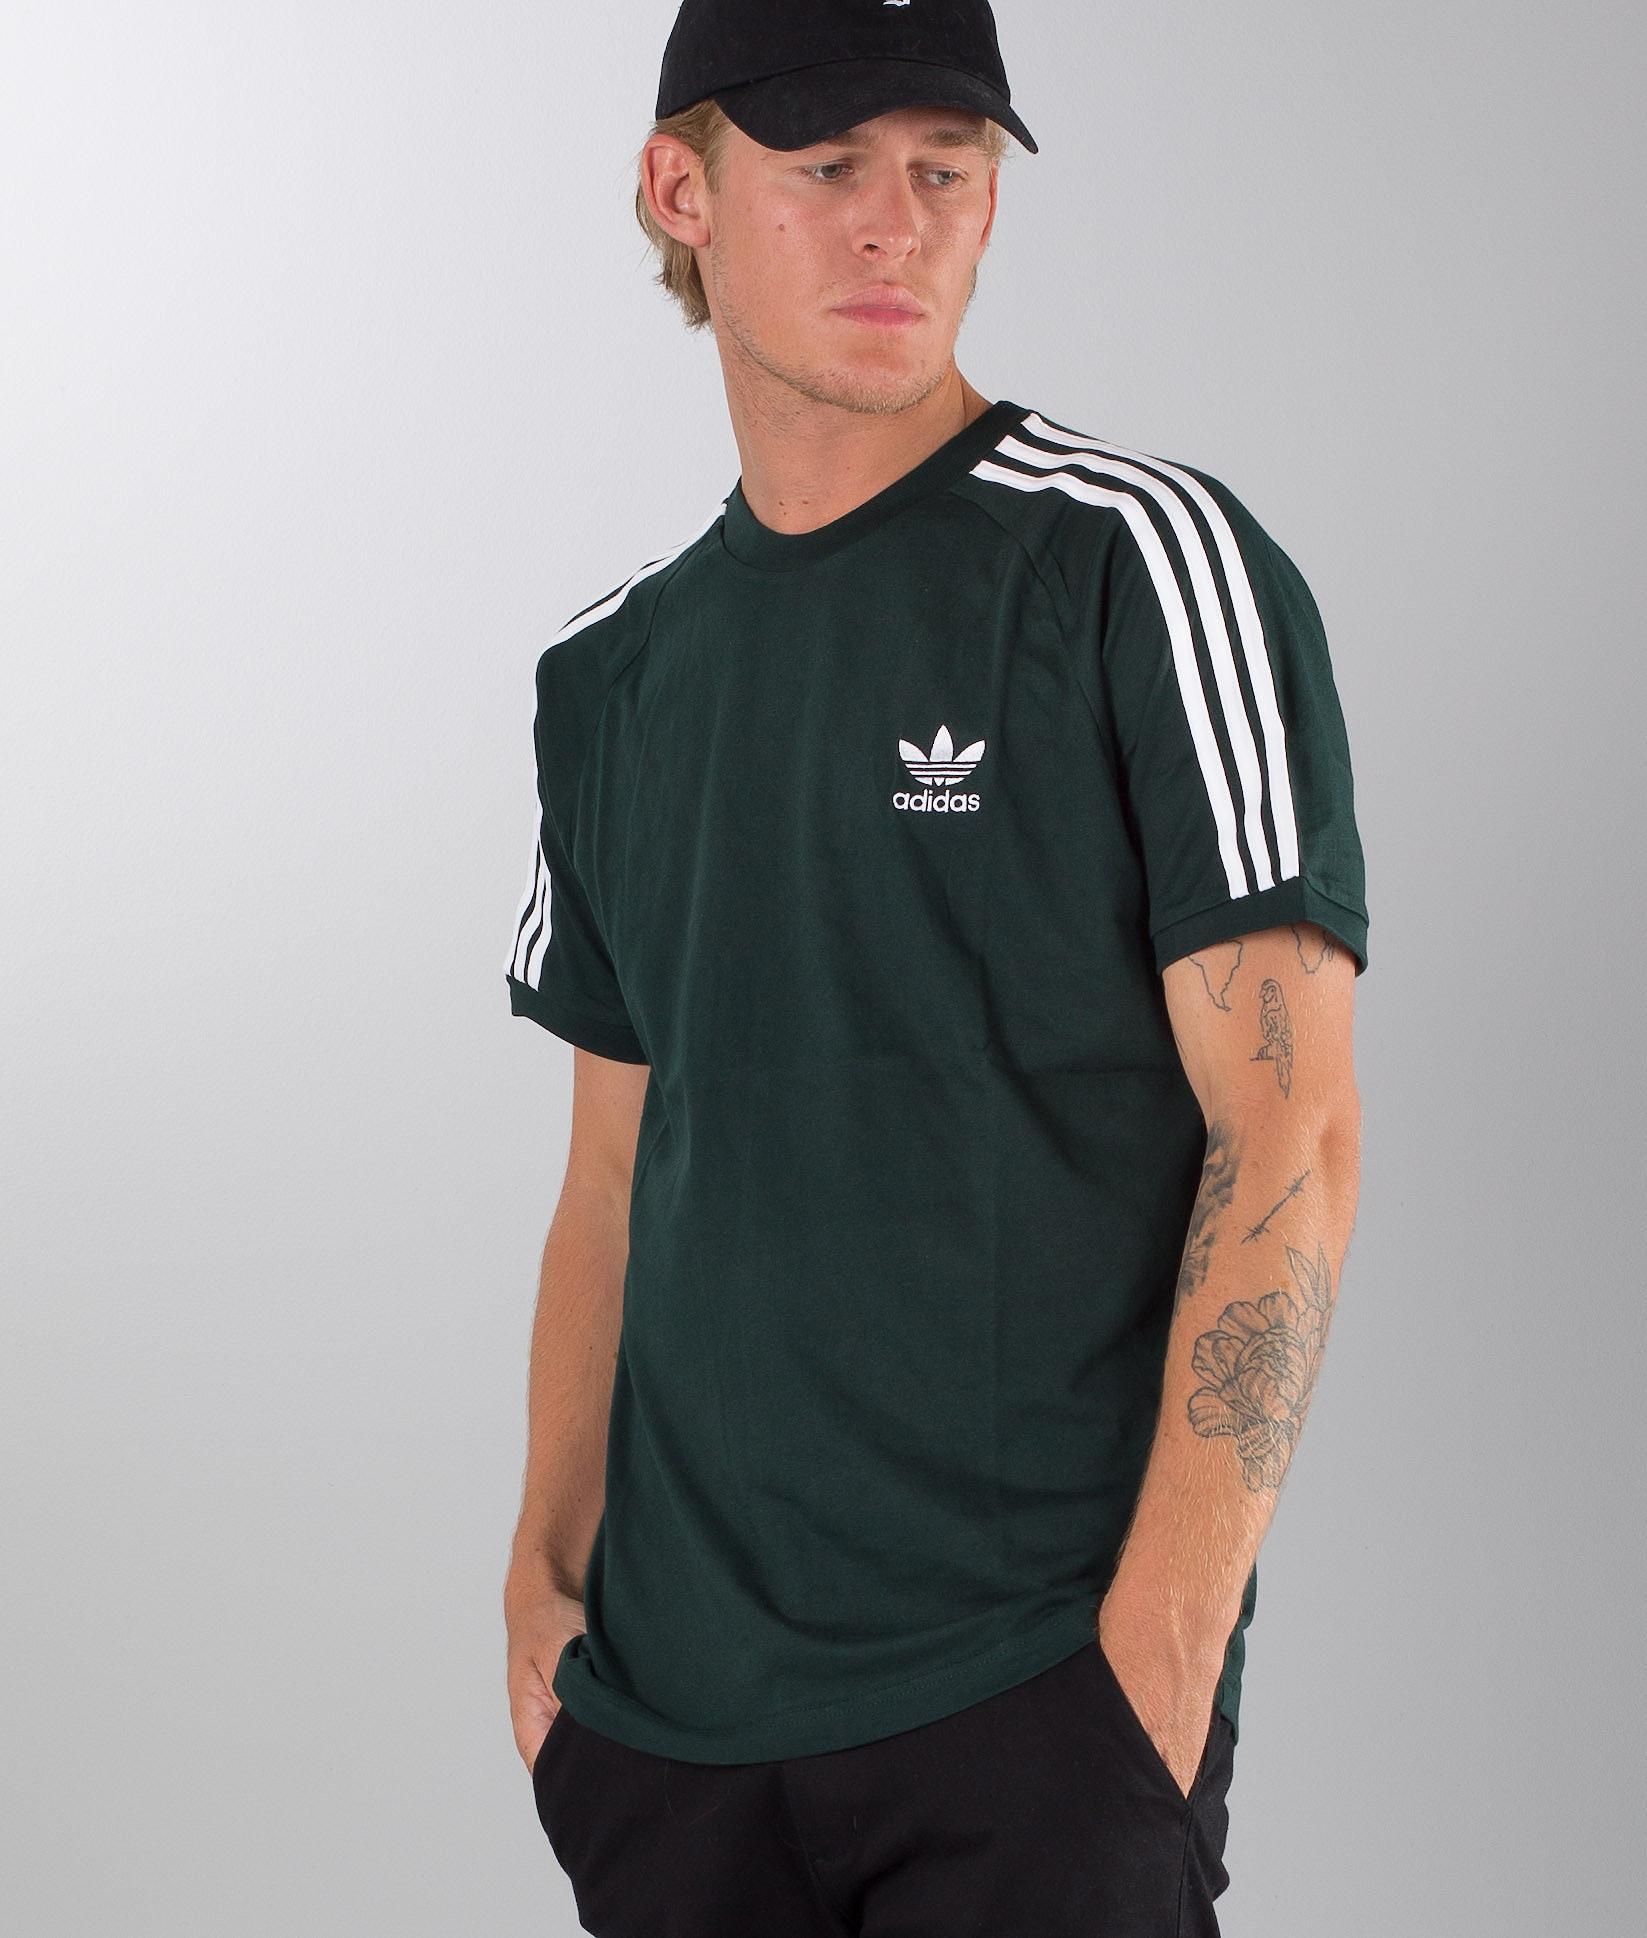 ac245ad4cd4 Adidas Originals 3-Stripes T-shirt Green Night - Ridestore.com